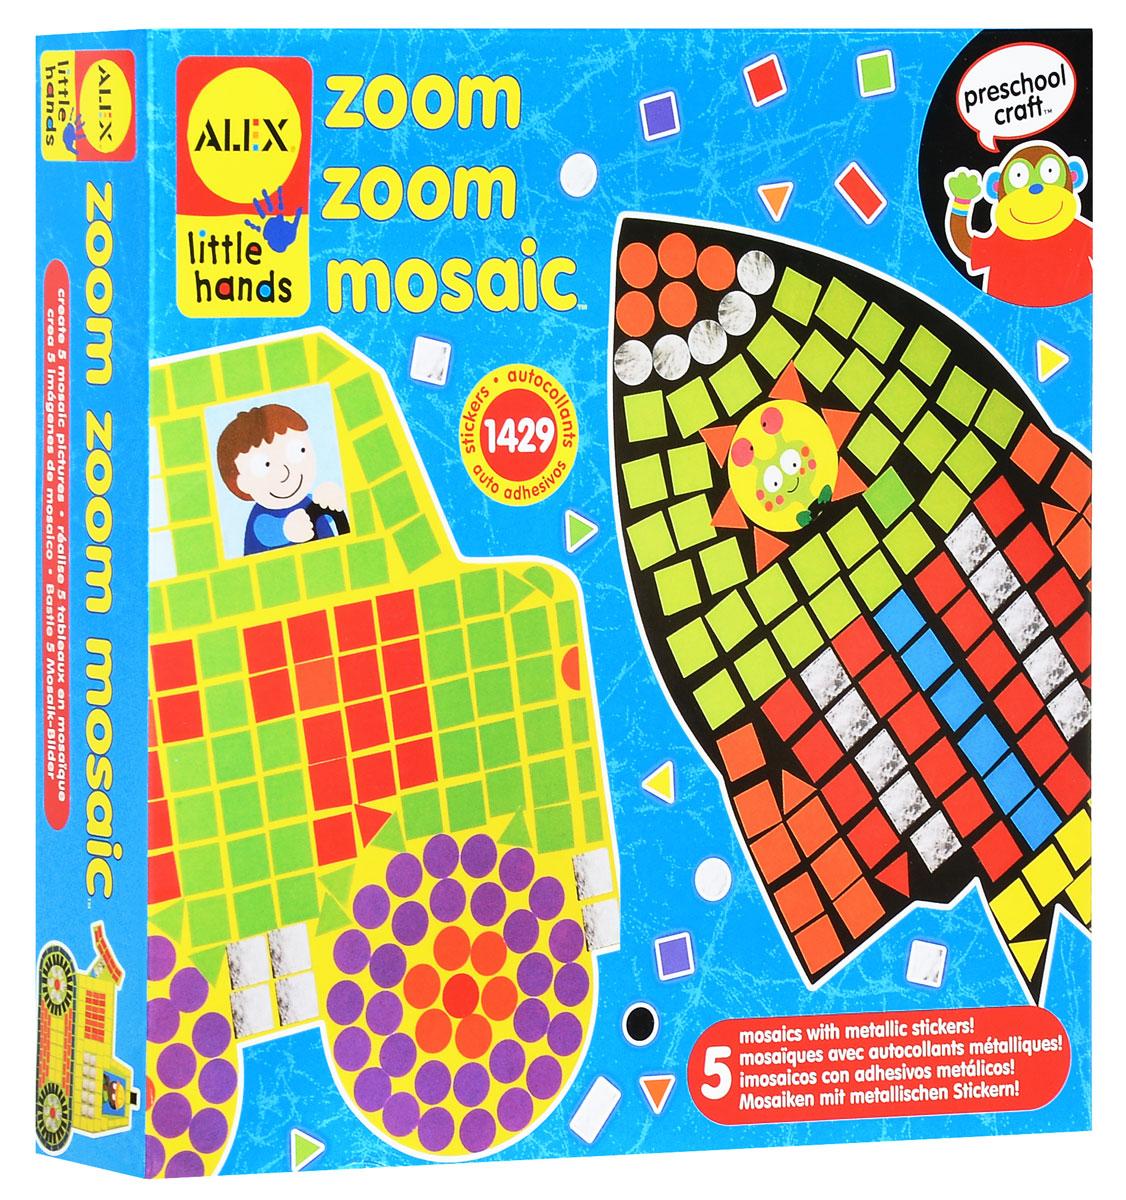 Alex Toys Мозаика Ускорение1405С набором для создания мозаики Ускорение ваш ребенок сможет самостоятельно собрать пять ярких изображений из разноцветных стикеров. На основу уже нанесен контур изображения, ребенку необходимо заполнить белые участки в форме квадратов, кругов и треугольников разноцветными стикерами соответствующей формы. Малыш сможет создать мозаичные картинки с изображением ракеты, вертолета, пожарной машины, экскаватора и автомобиля. Набор для творчества поможет малышу в развитии фантазии, изобретательности, аккуратности, а также развивает мелкую моторику рук и терпение. Порадуйте своего ребенка таким замечательным подарком!